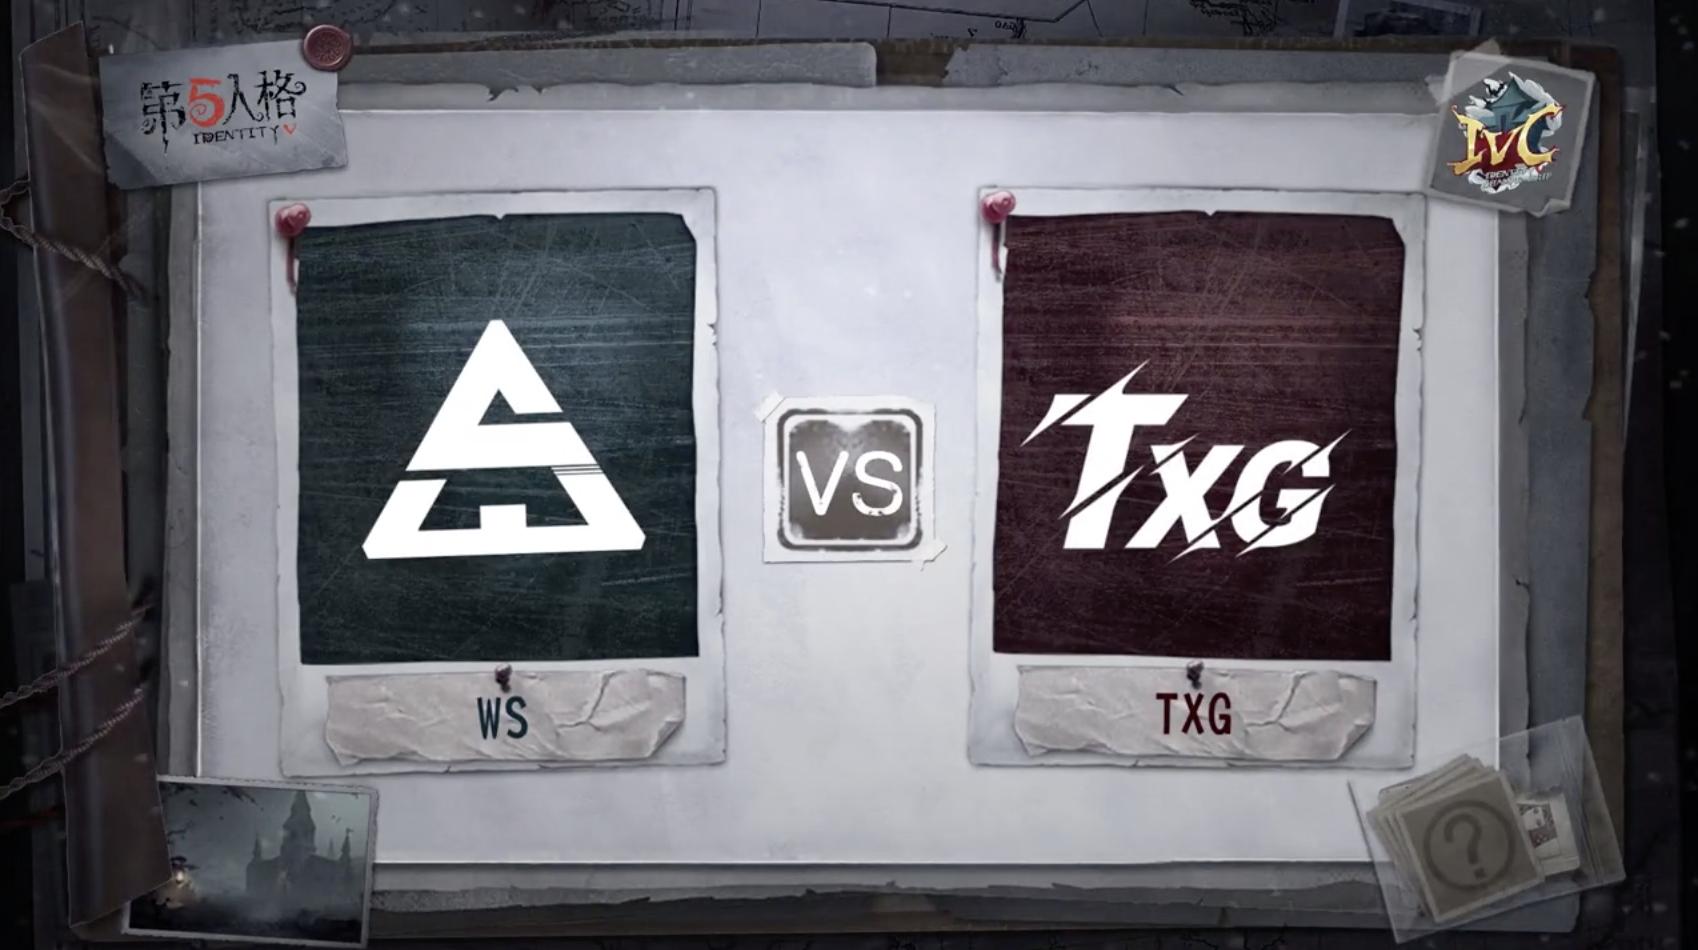 10月20日 WS vs TXG小组赛加赛